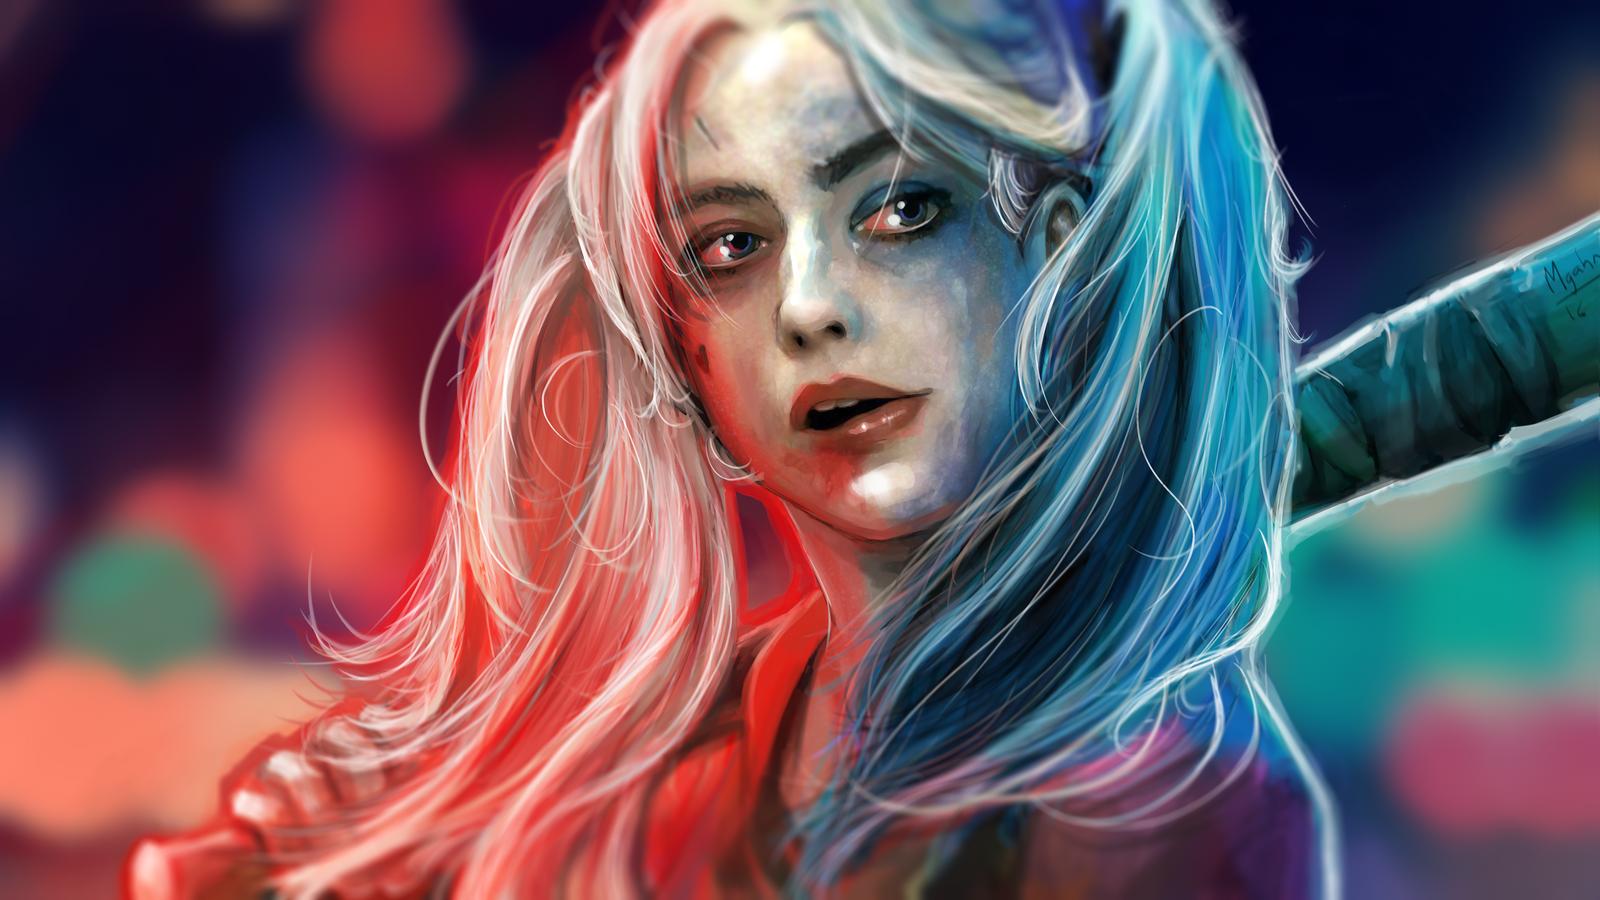 Harley Quinn by mgahn